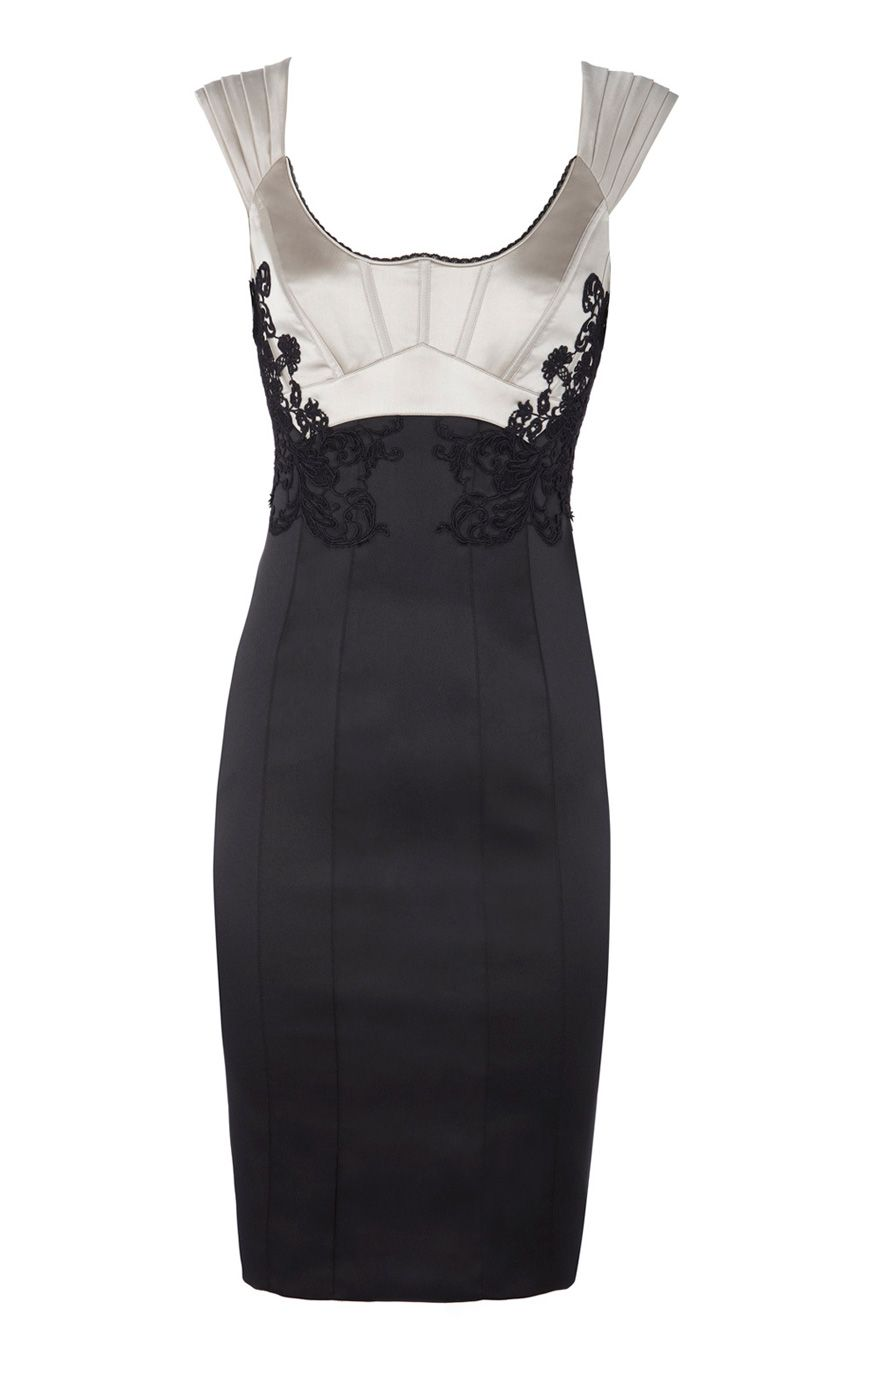 Karen Millen Silk Embroidered Pencil Dress Black and White ,fashion Karen Millen Solid Color Dresses outlet